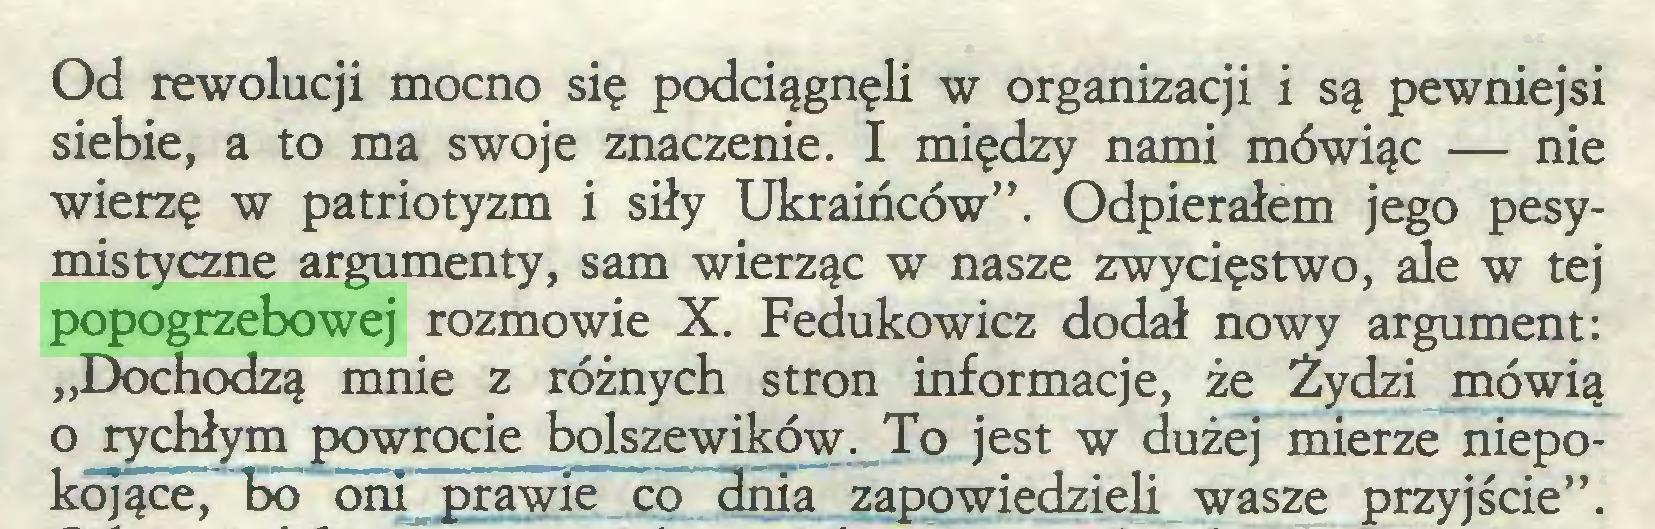 """(...) Od rewolucji mocno się podciągnęli w organizacji i są pewniejsi siebie, a to ma swoje znaczenie. I między nami mówiąc — nie wierzę w patriotyzm i siły Ukraińców"""". Odpierałem jego pesymistyczne argumenty, sam wierząc w nasze zwycięstwo, ale w tej popogrzebowej rozmowie X. Fedukowicz dodał nowy argument: """"Dochodzą mnie z różnych stron informacje, że Żydzi mówią o rychłym powrocie bolszewików. To jest w dużej mierze niepokojące, bo oni prawie co dnia zapowiedzieli wasze przyjście""""..."""